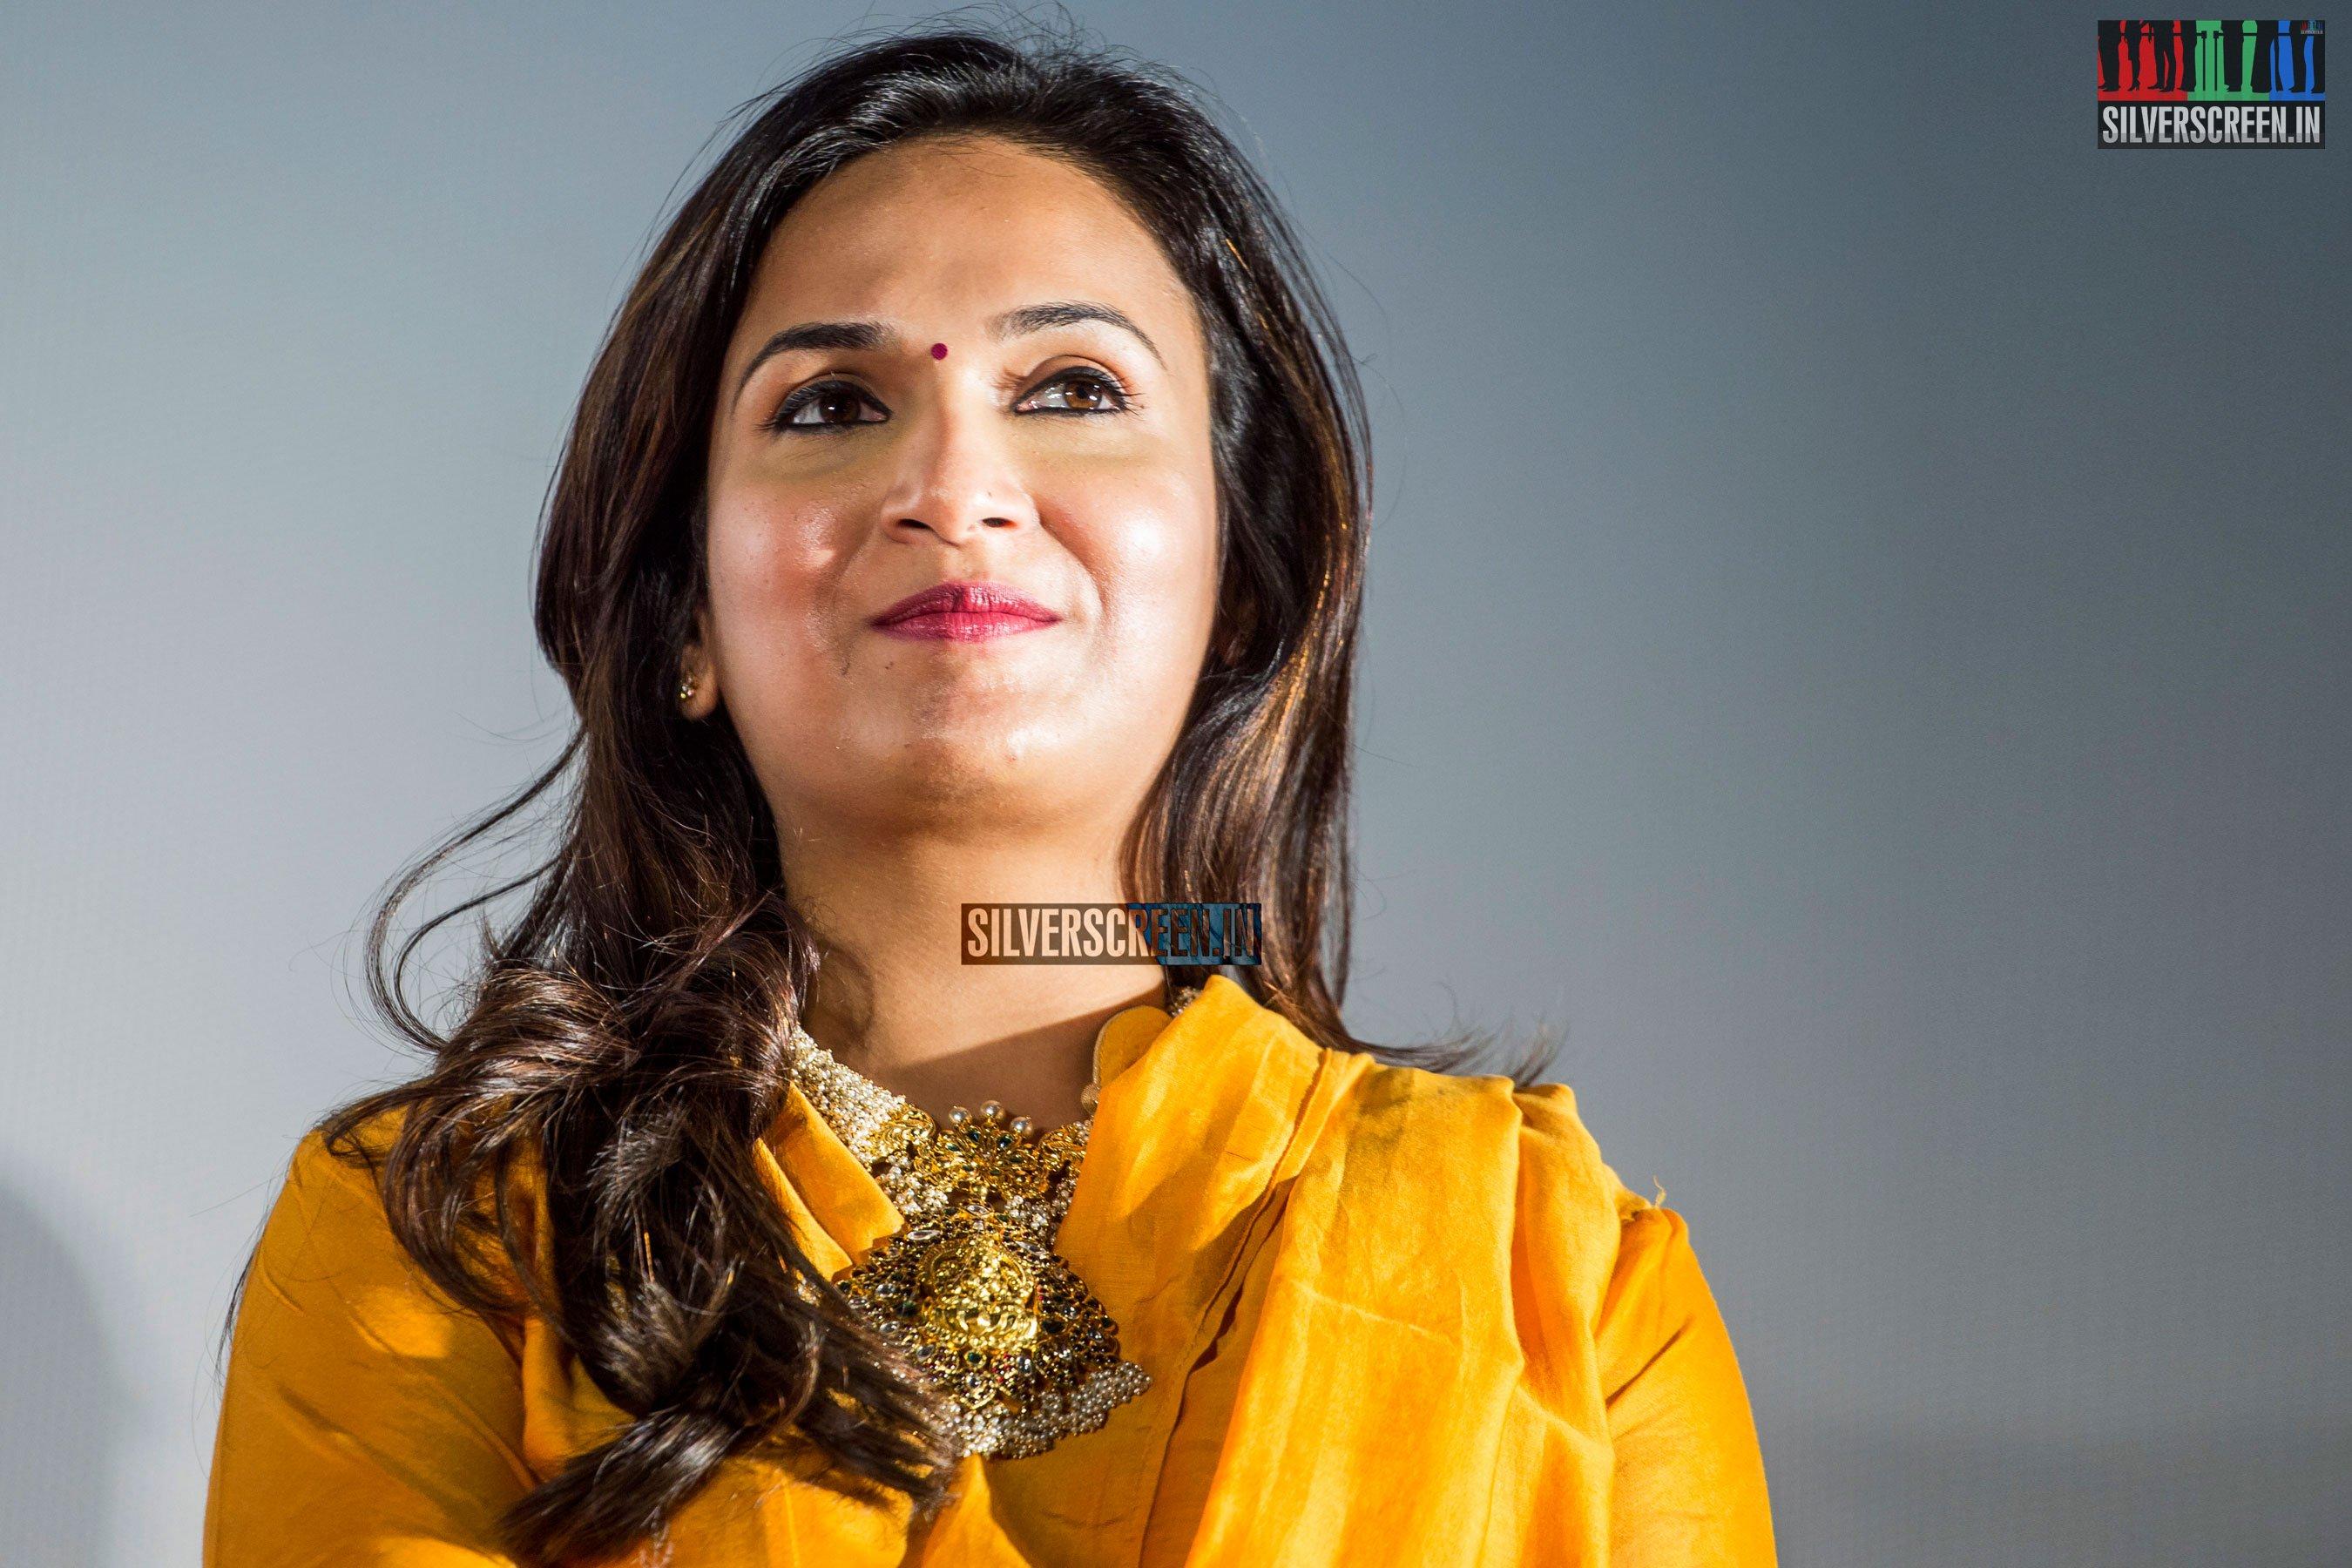 Soundarya rajinikanth latest photos Best Salon In Karachi - Best Lady Photographer In Karachi - Best